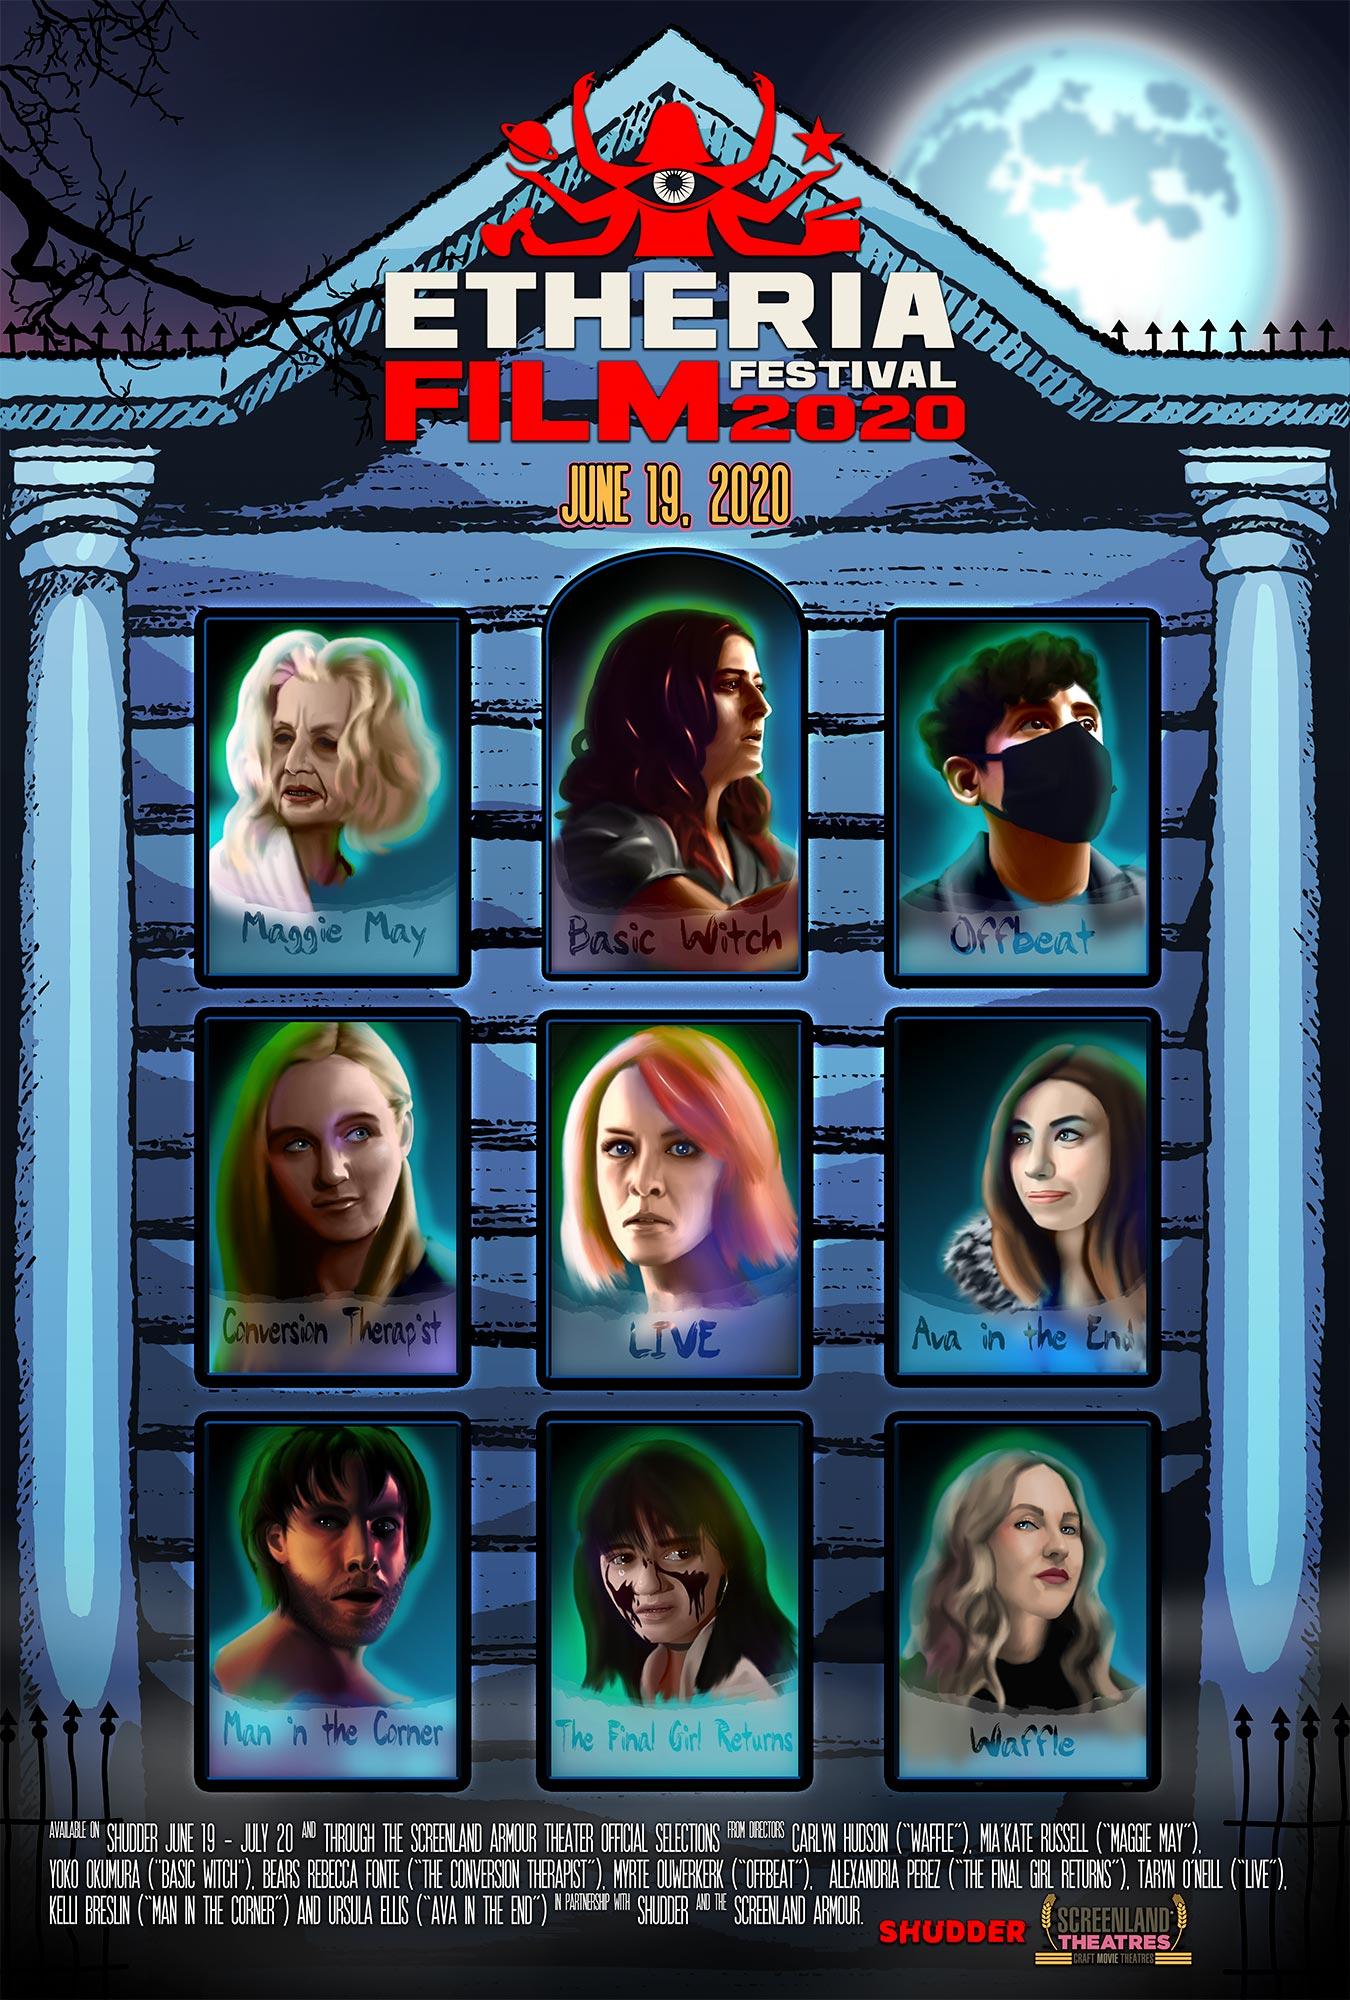 Etheria Film Festival 2020